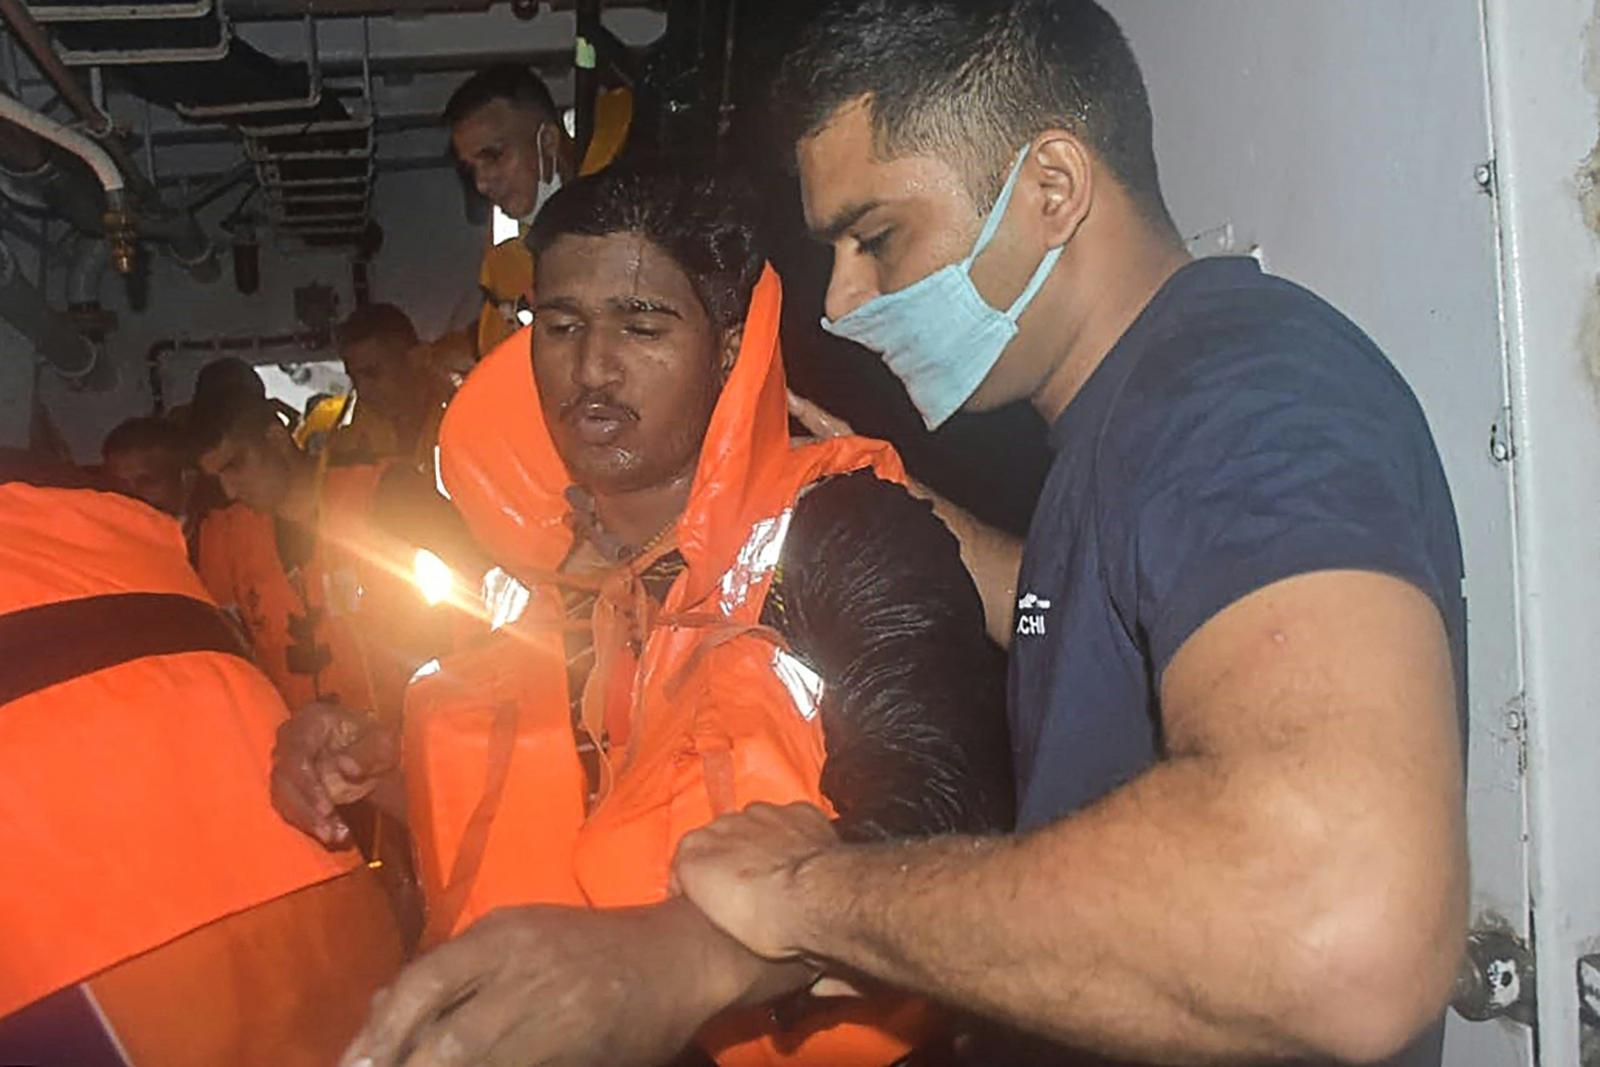 อินเดียค้นหาผู้สูญหายเหตุเรือล่มกลางพายุ